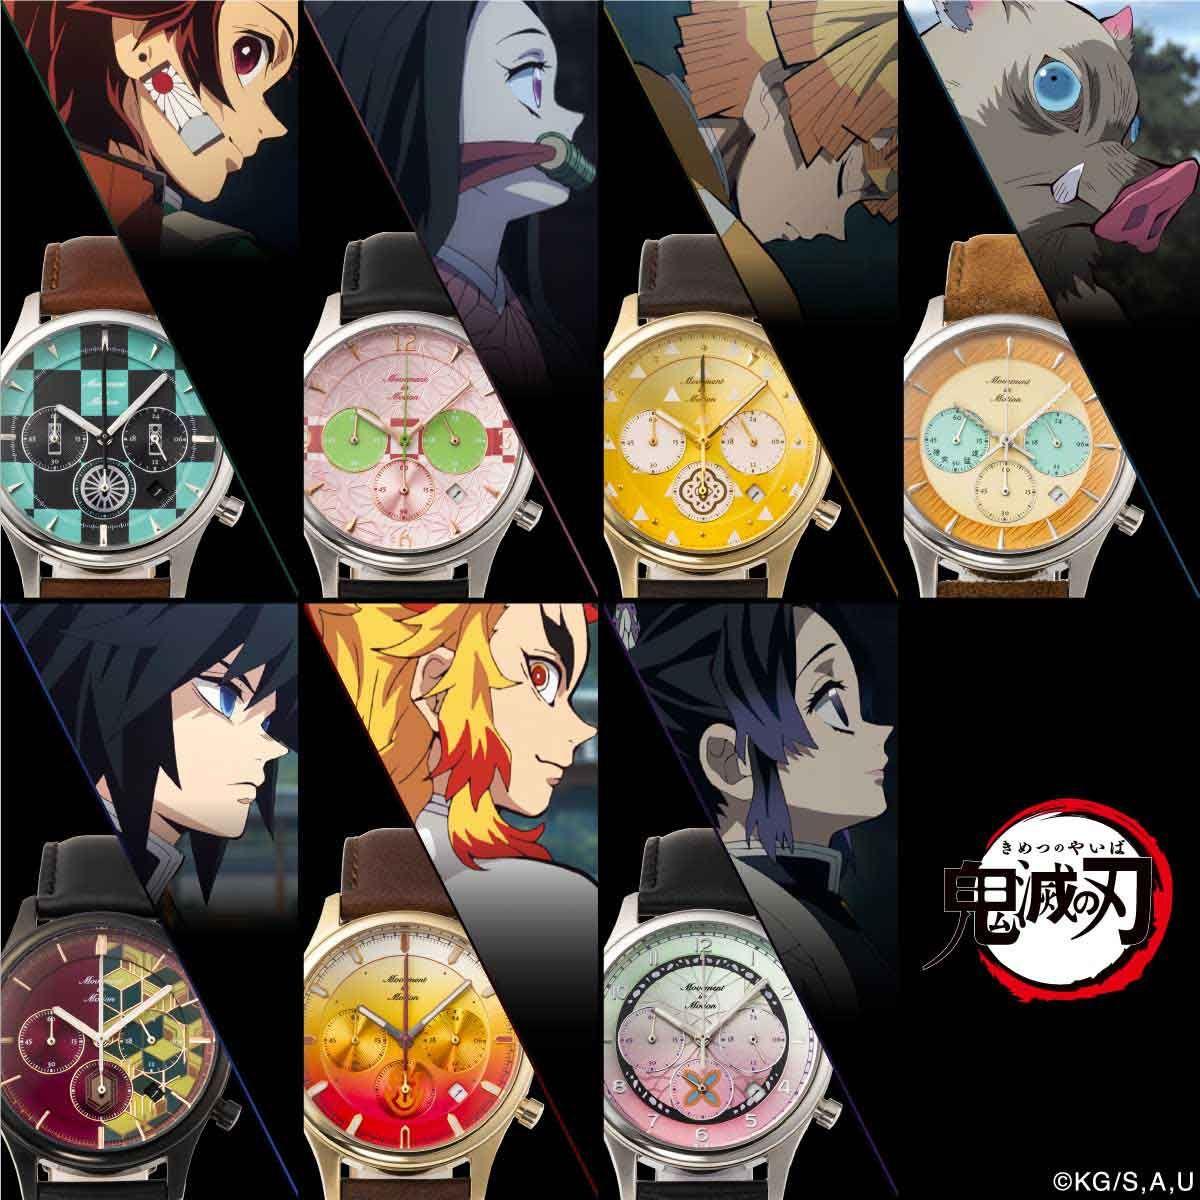 <鬼滅之刃> X <TiCTAC> 合作腕錶[2021年7月發送]